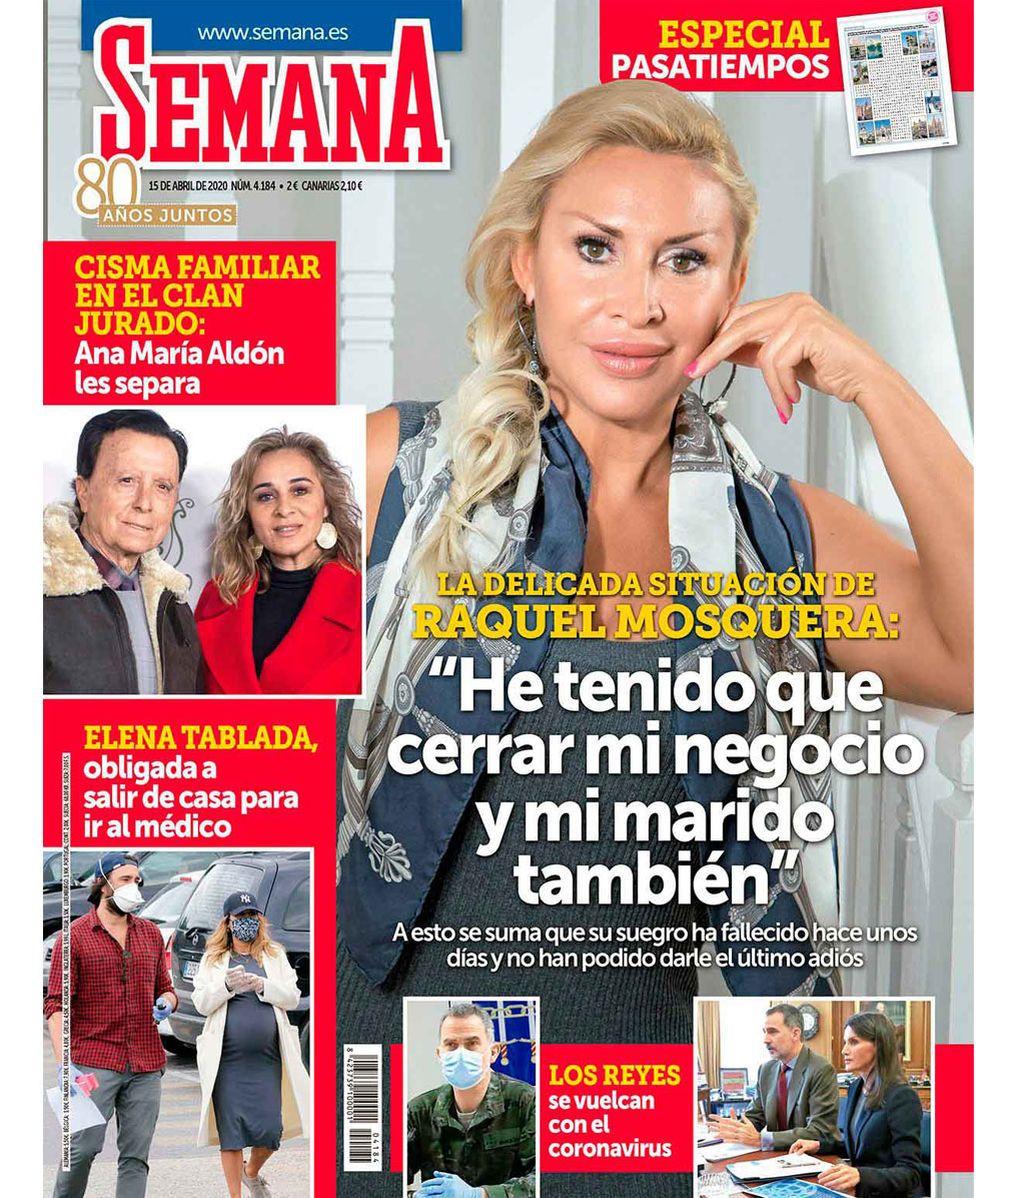 Raquel Mosquera en la portada de la revista 'Semana'